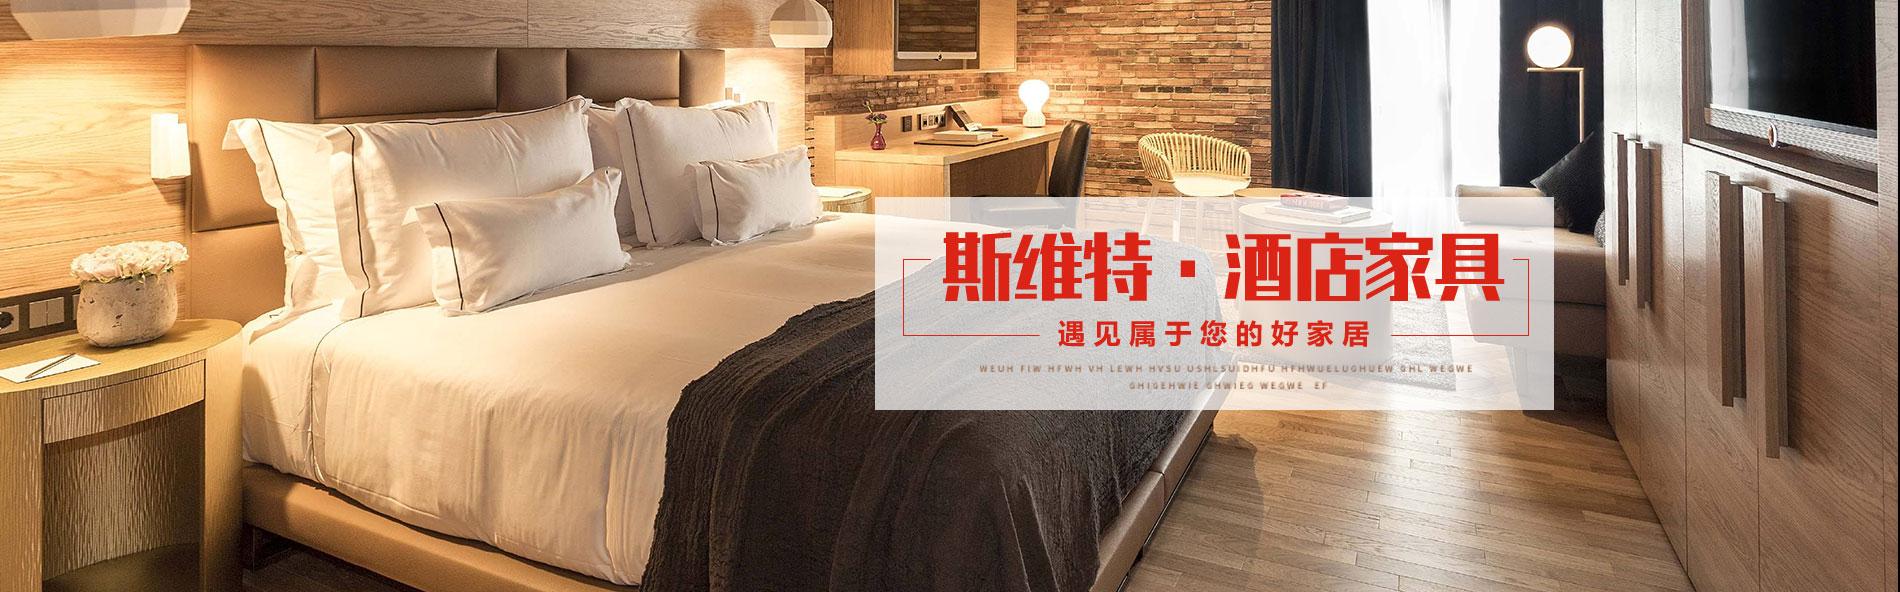 酒店家具-酒店沙发-河南斯维特家具